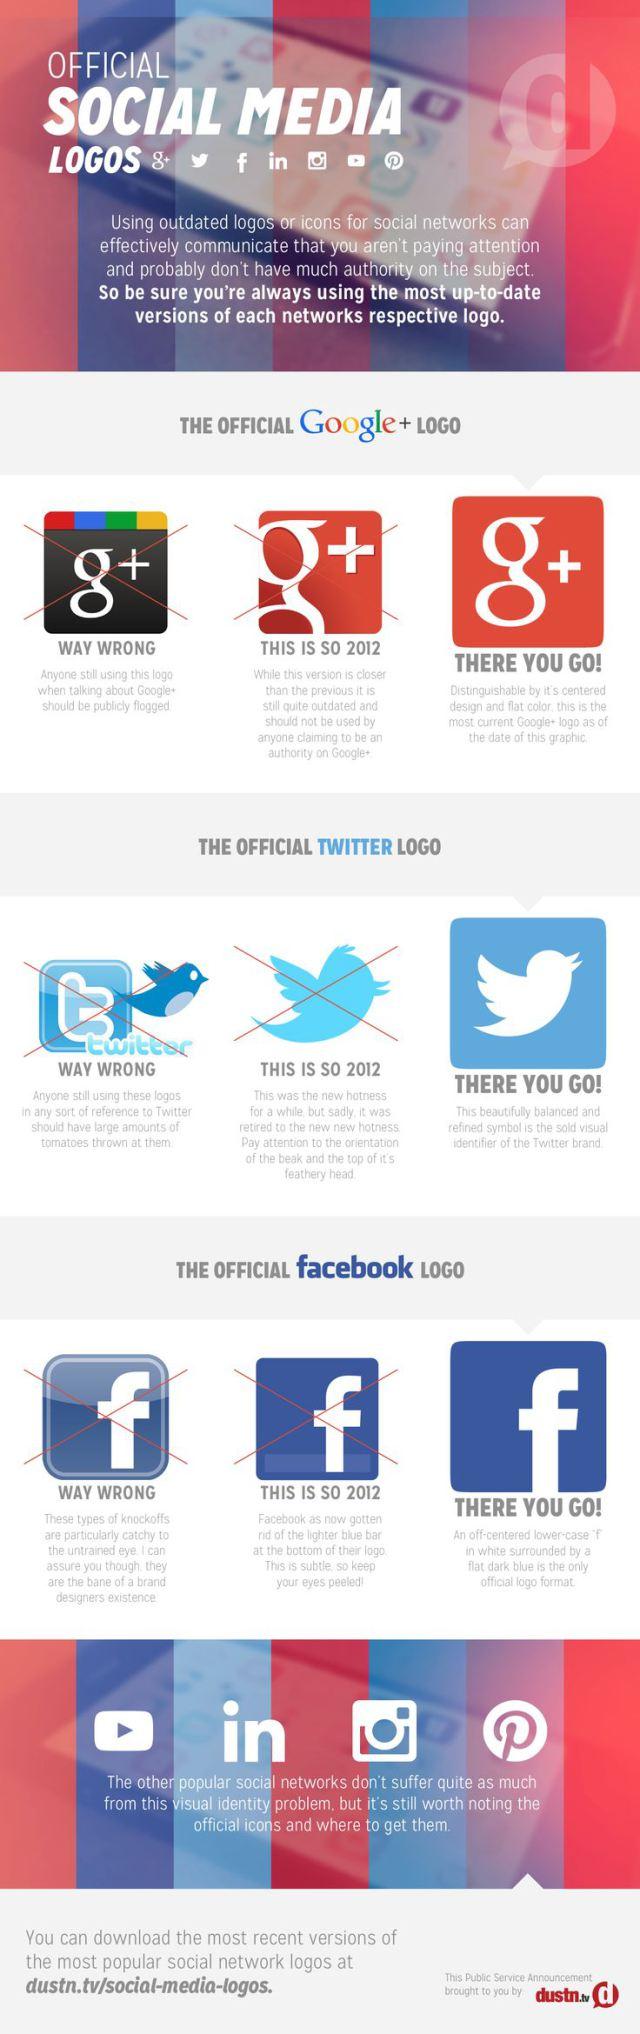 infografia_los_logos_oficiales_de_las_redes_sociales